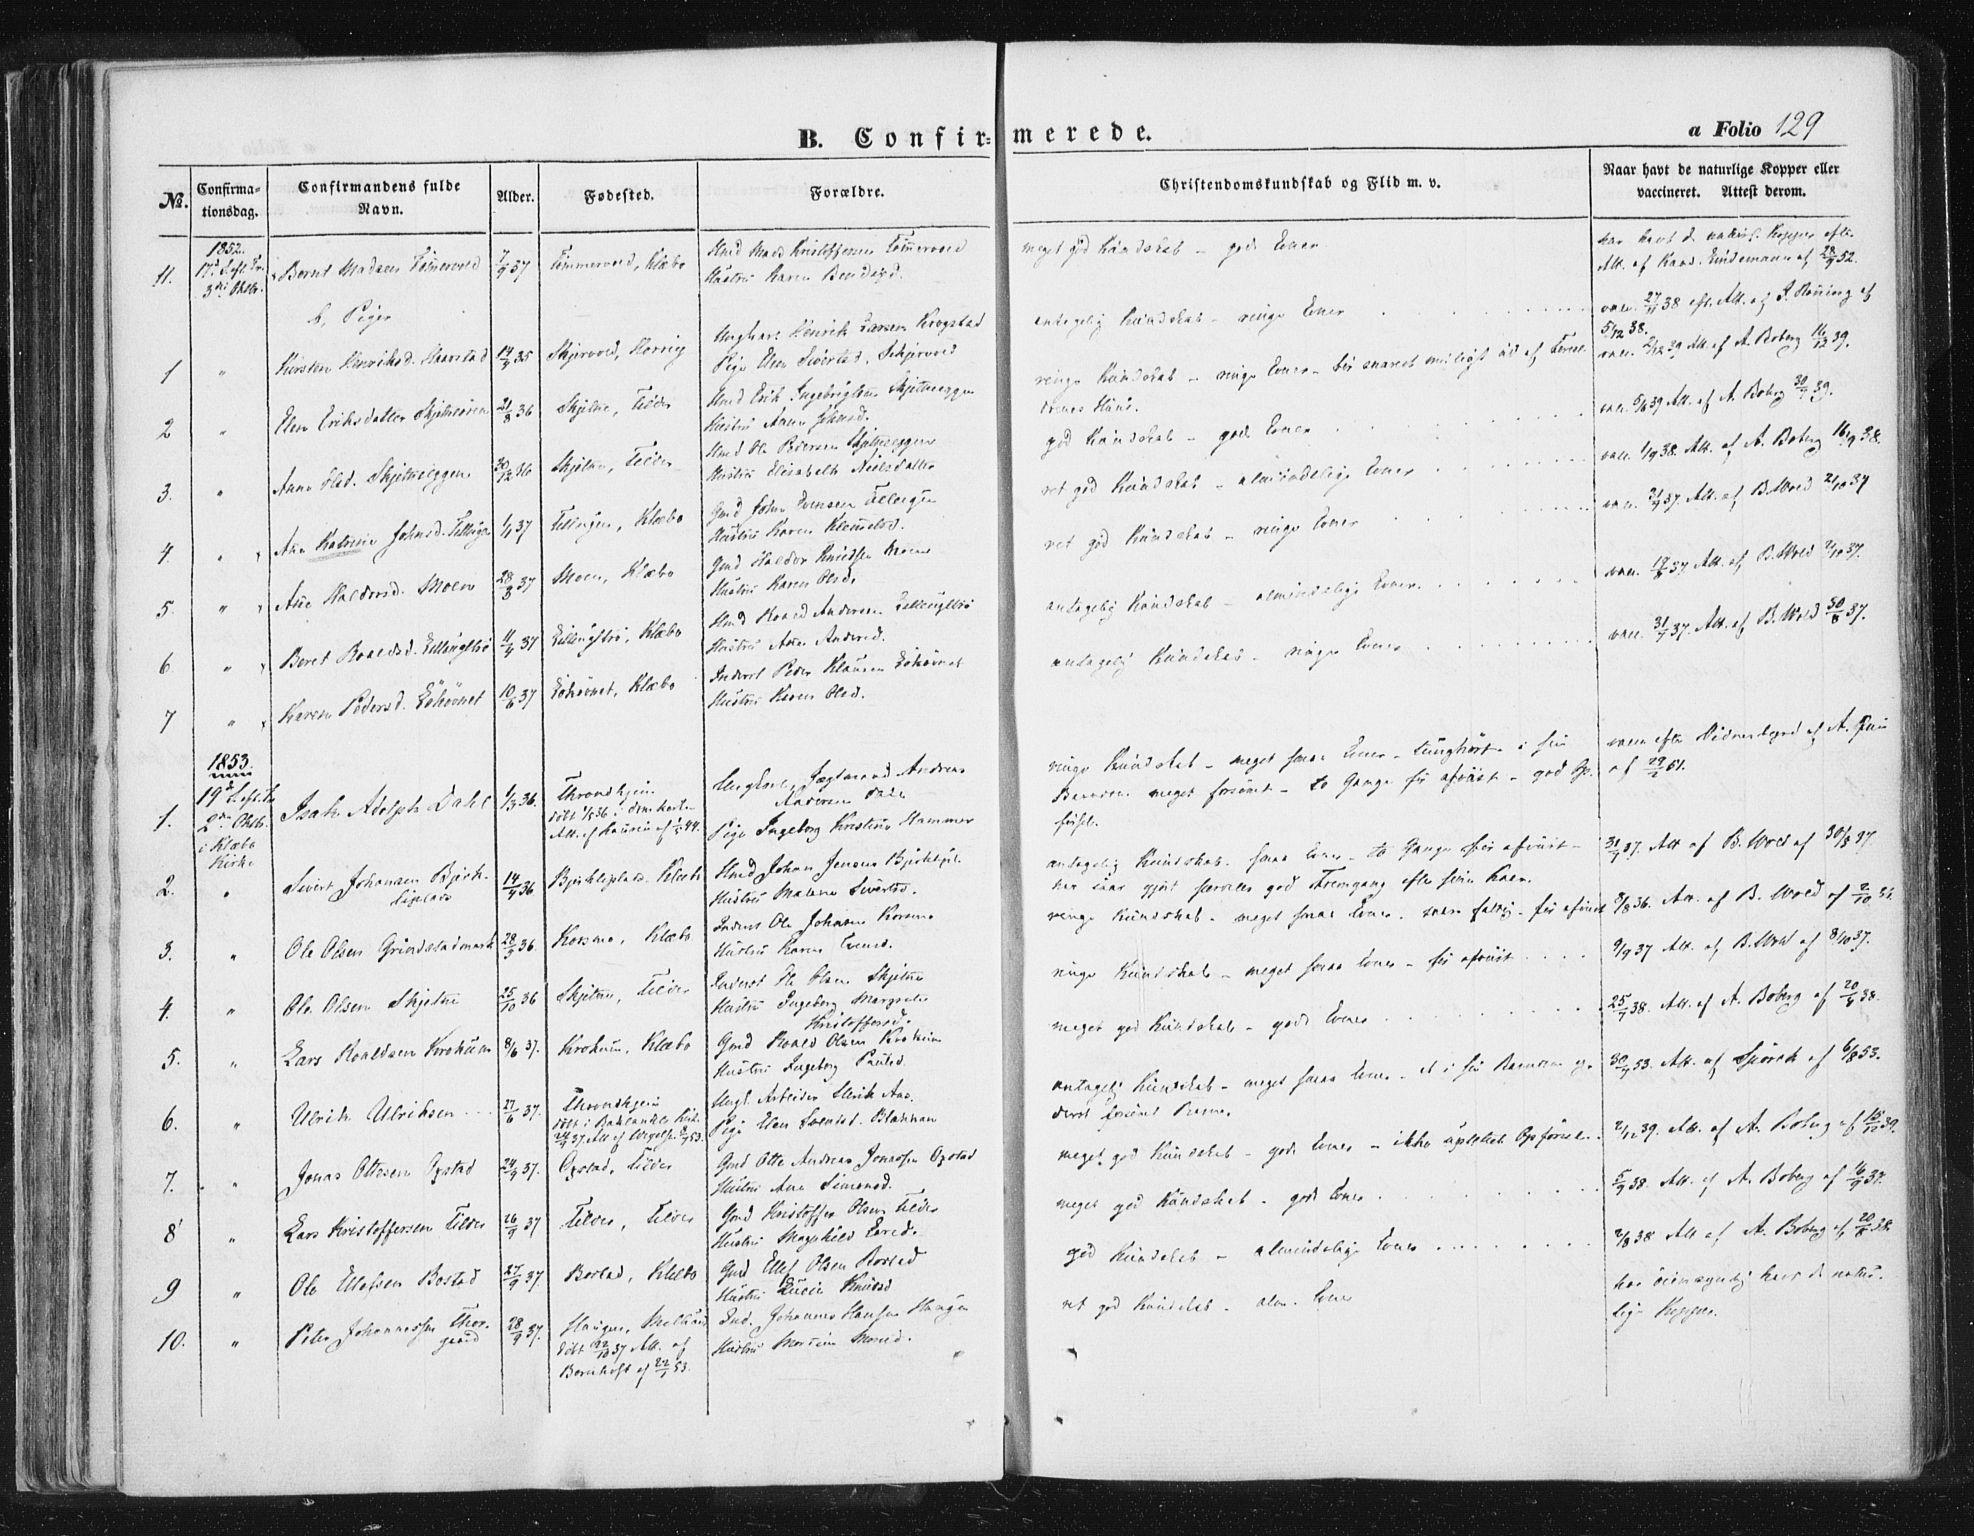 SAT, Ministerialprotokoller, klokkerbøker og fødselsregistre - Sør-Trøndelag, 618/L0441: Ministerialbok nr. 618A05, 1843-1862, s. 129